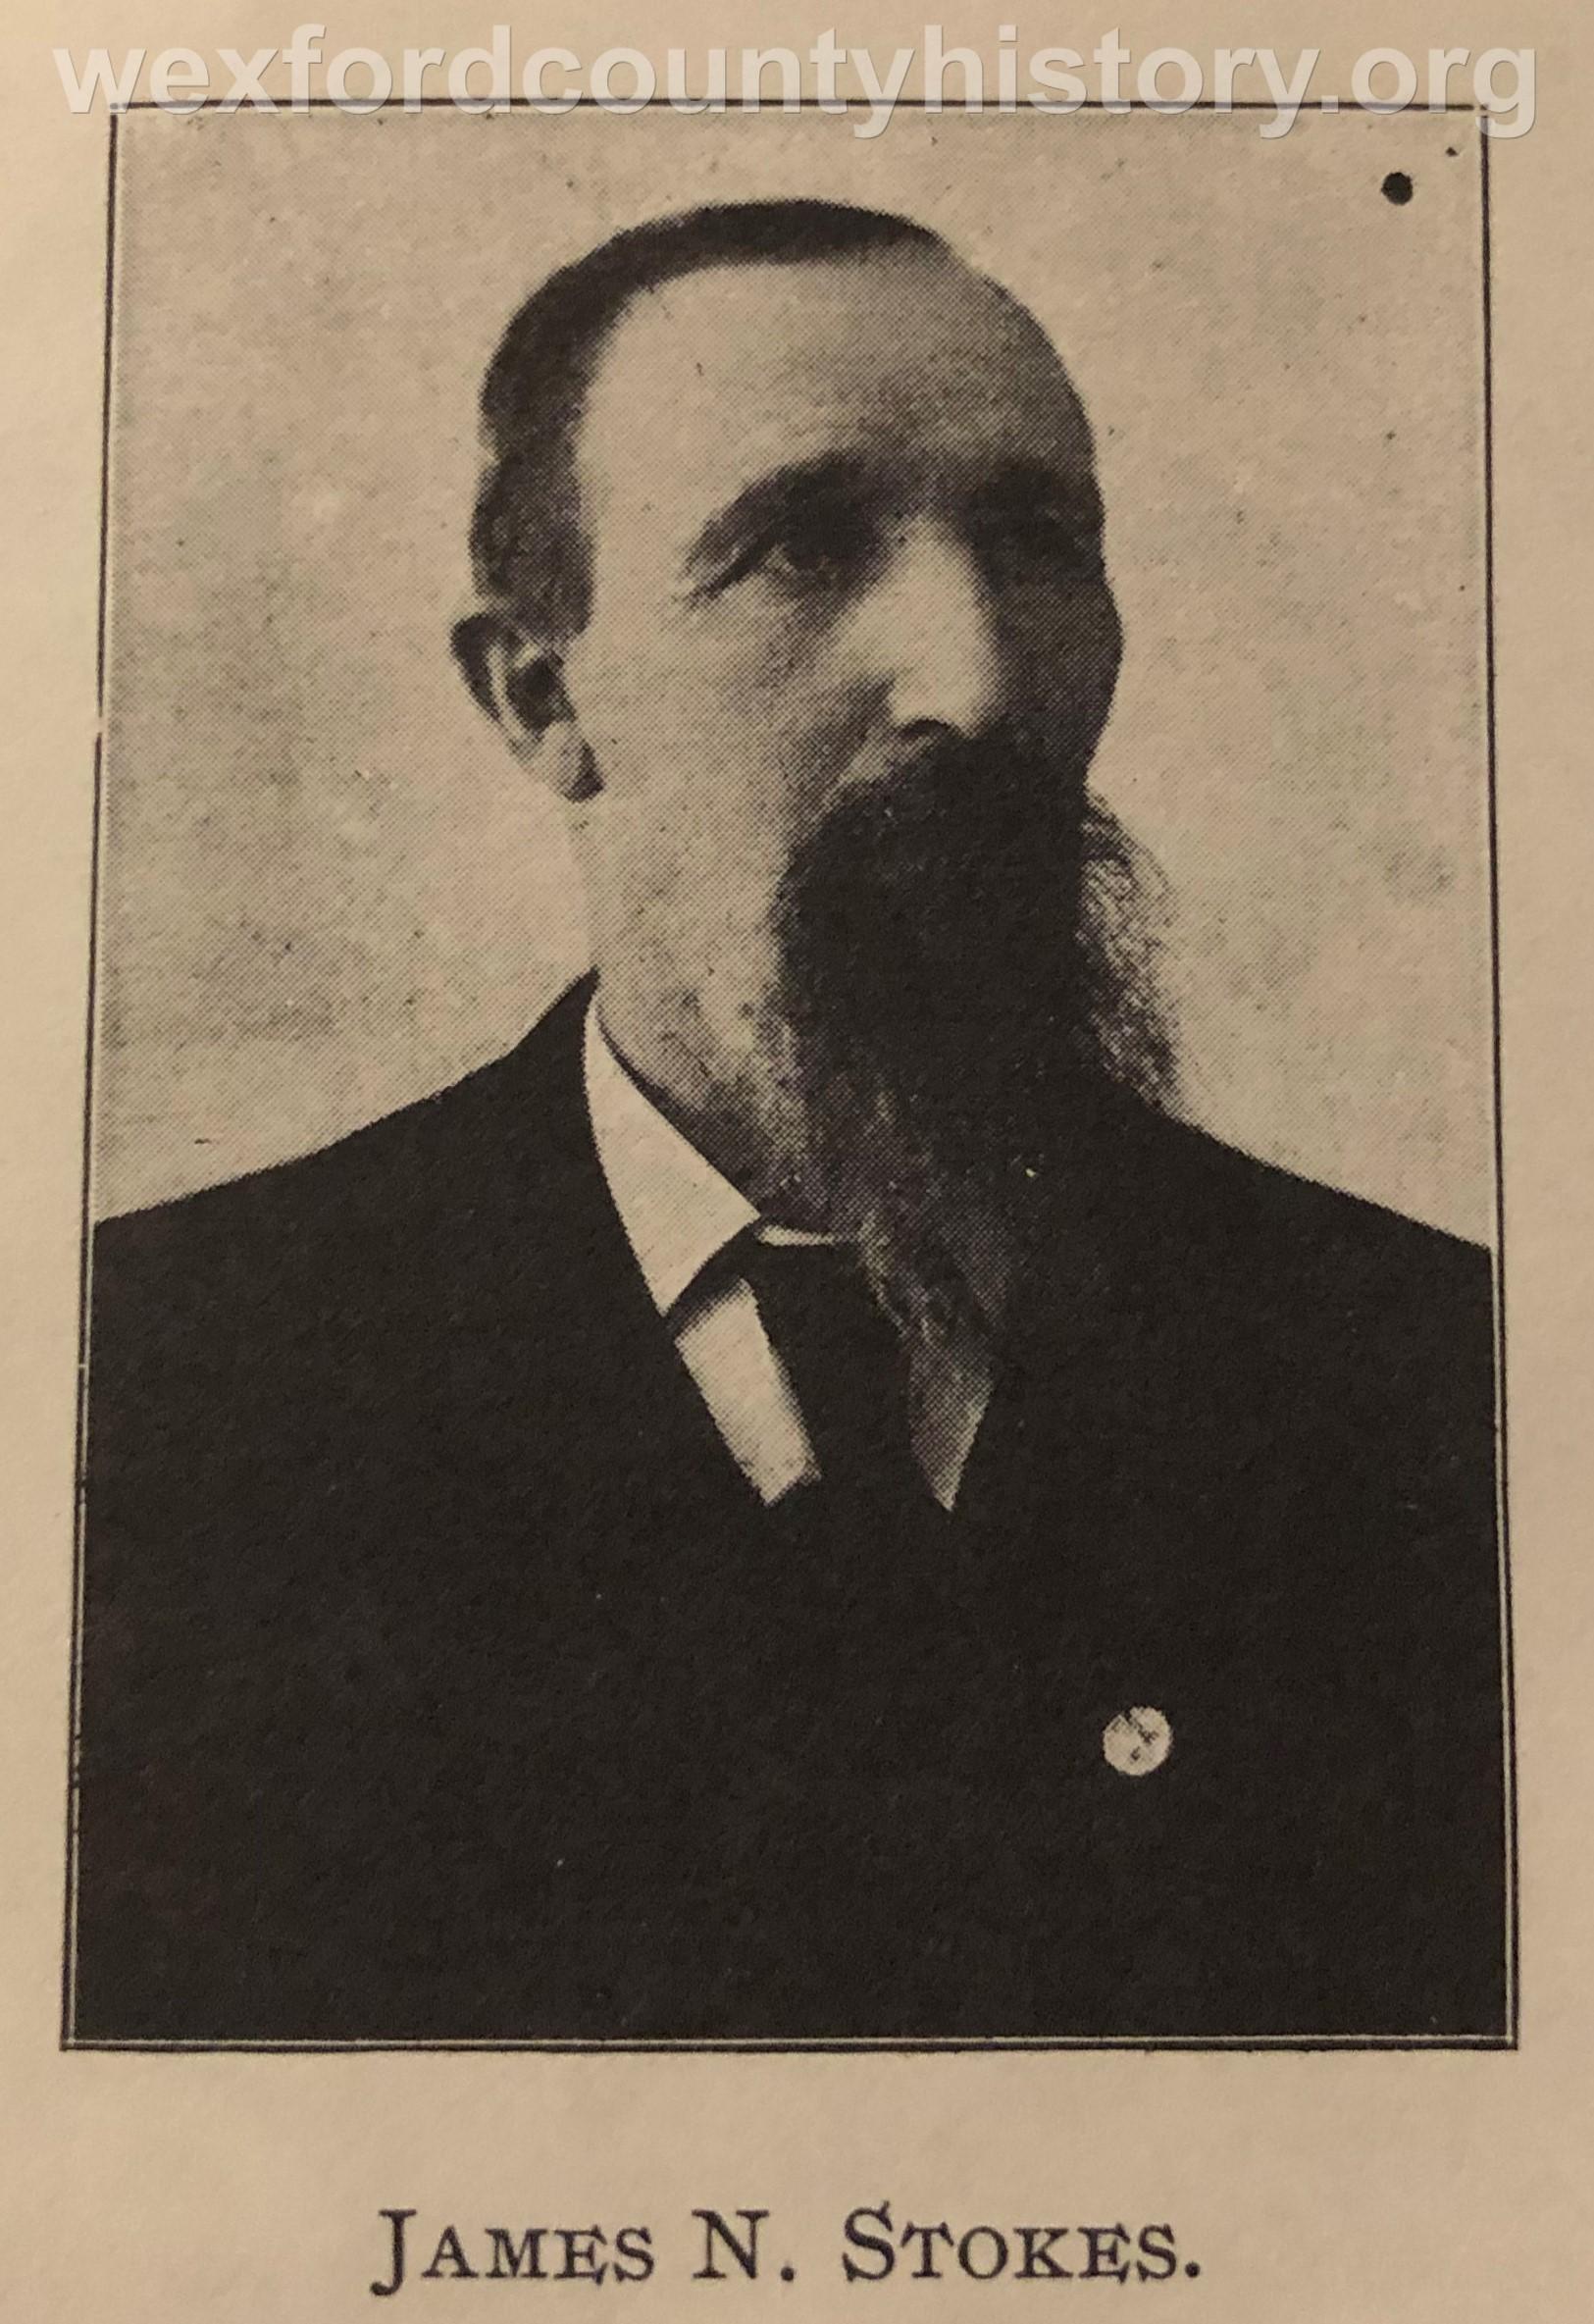 James N. Stokes